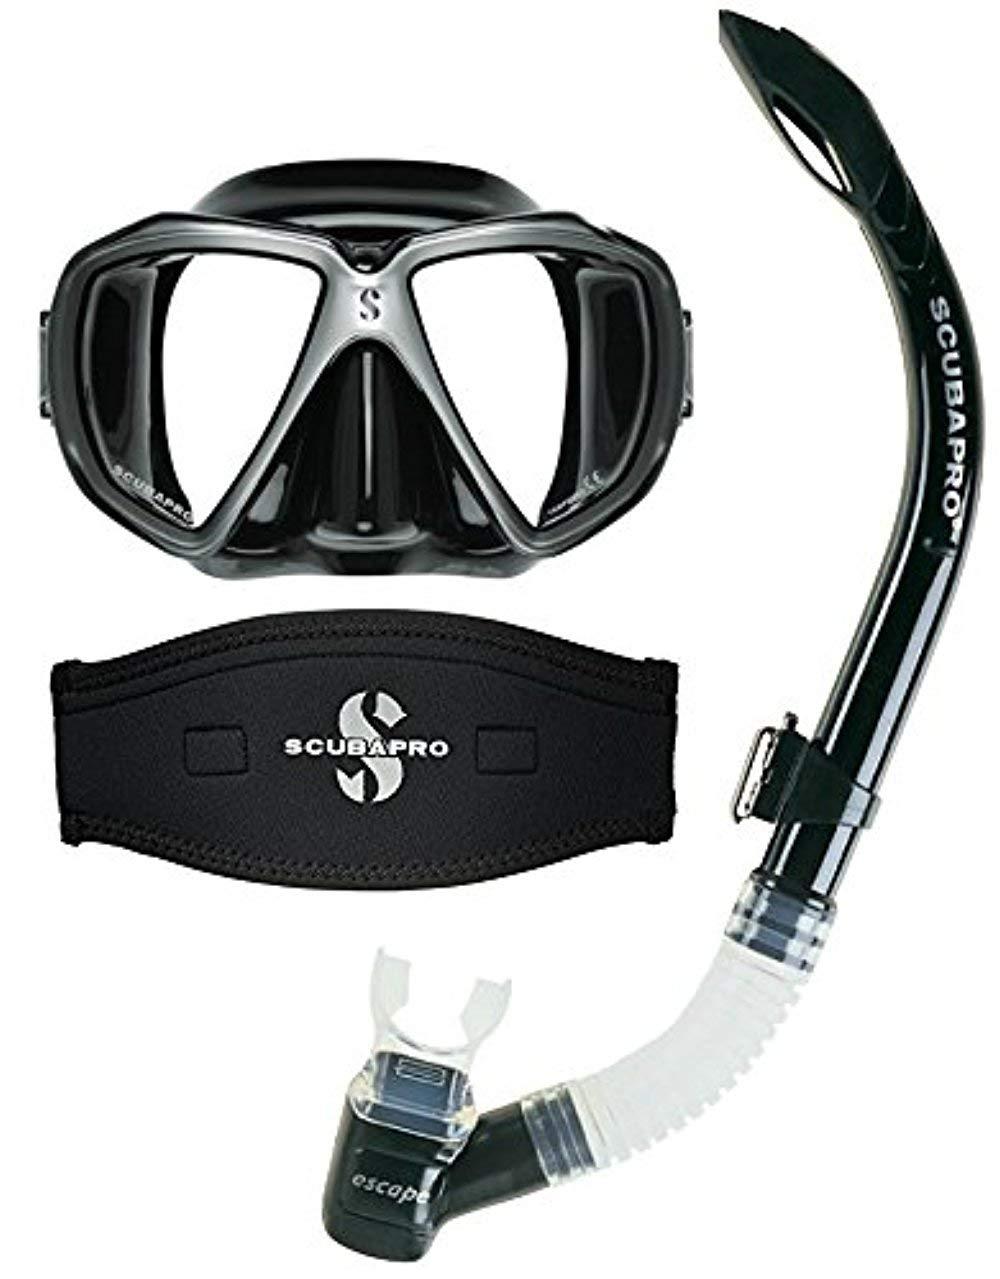 Scubapro Spectra Mask (Black/Silver) w/Neoprene Strap Cover & Escape Semi-Dry Snorkel by Scubapro